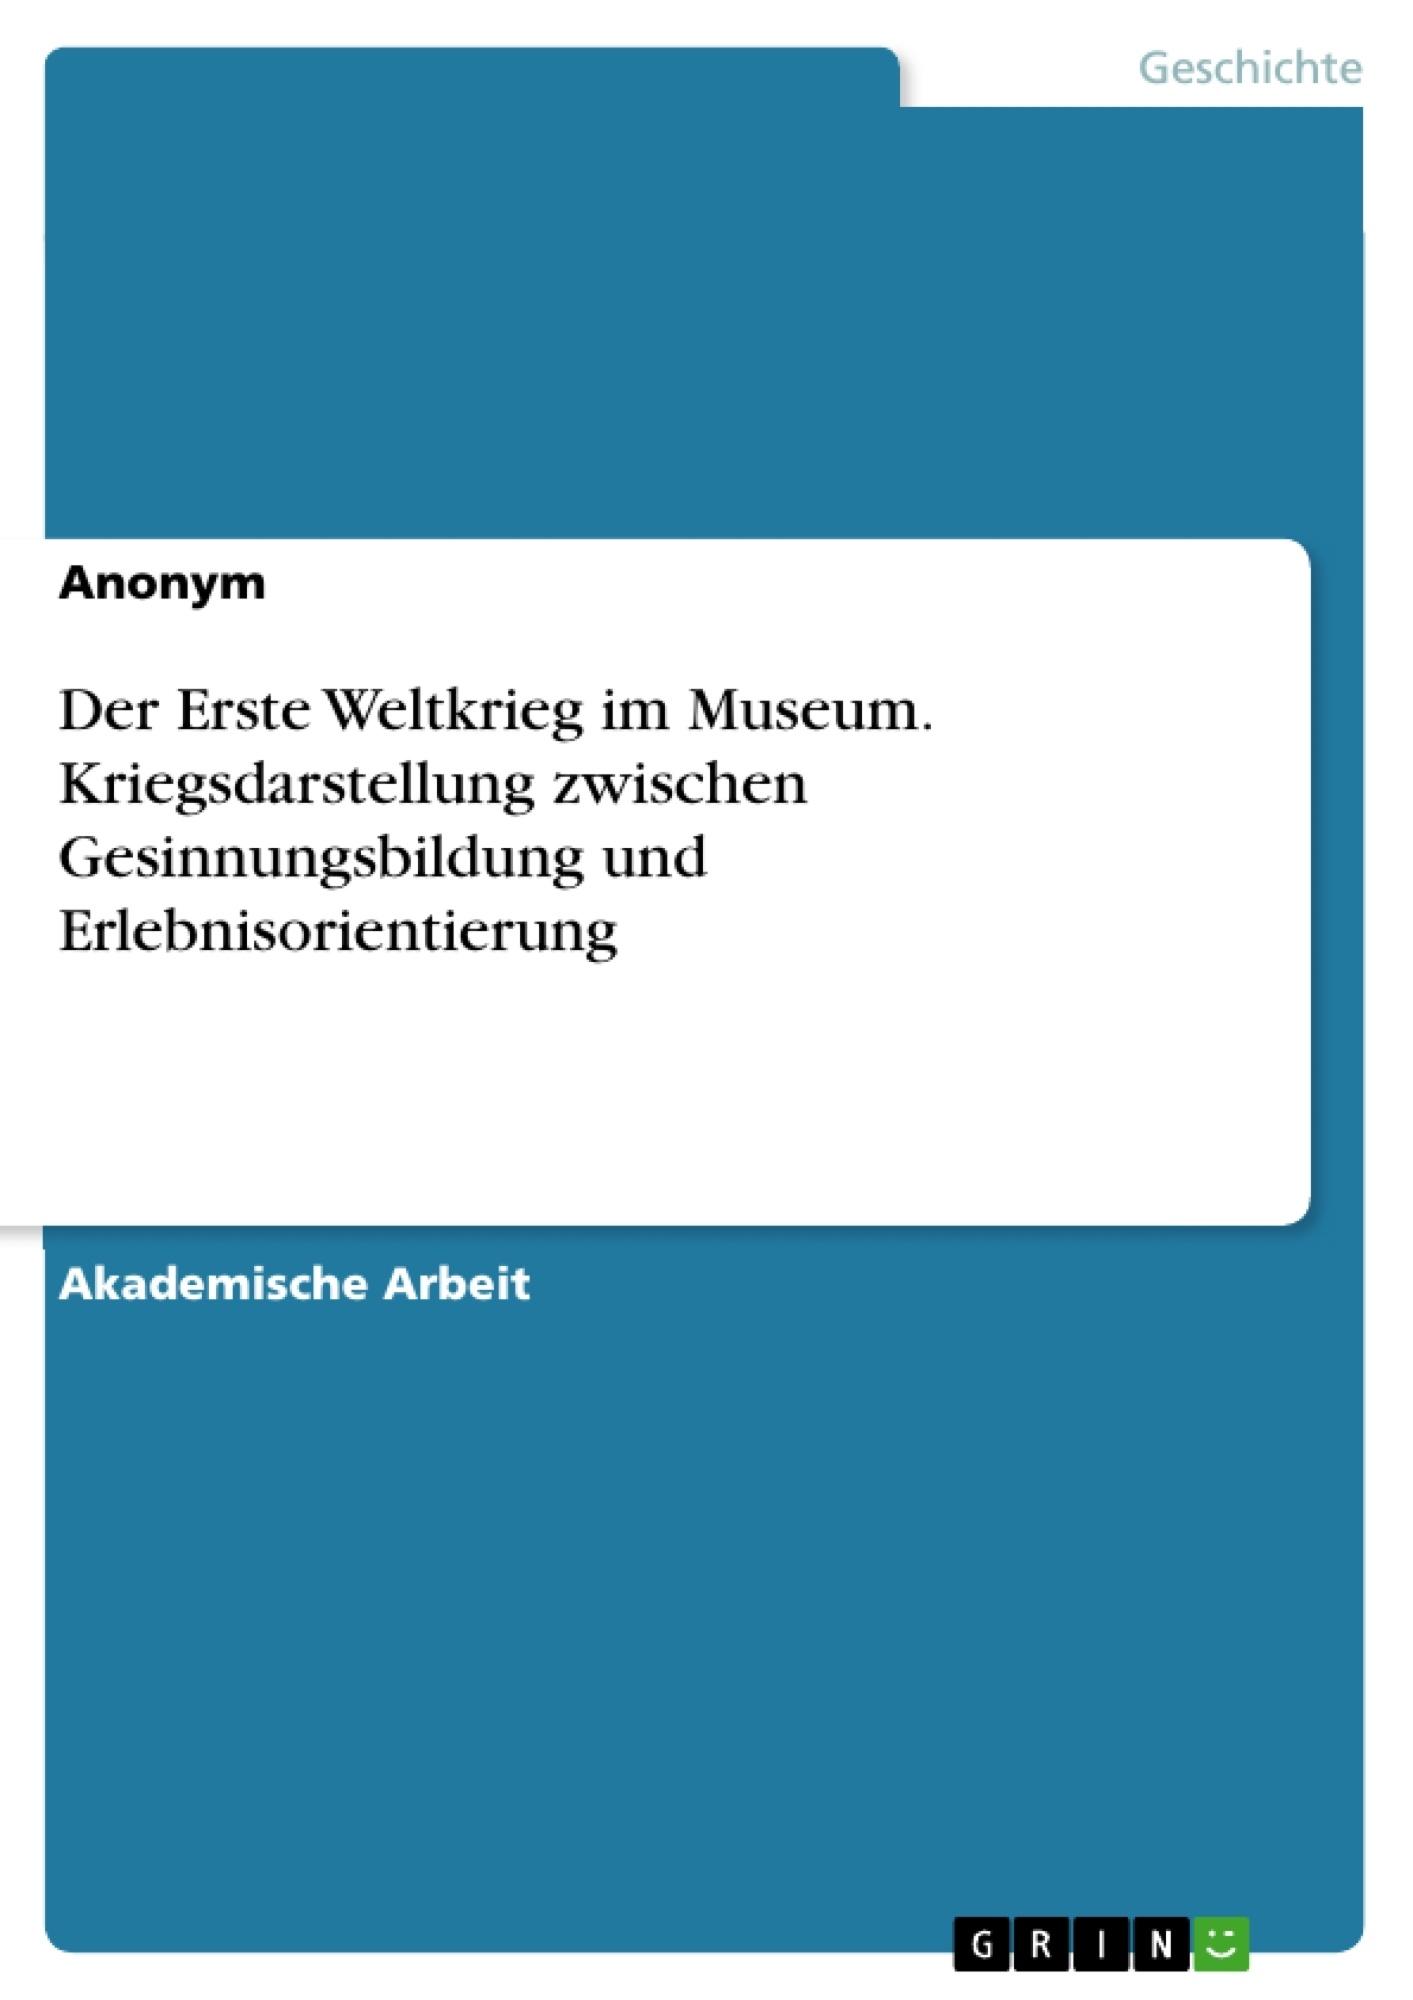 Titel: Der Erste Weltkrieg im Museum. Kriegsdarstellung zwischen Gesinnungsbildung und Erlebnisorientierung